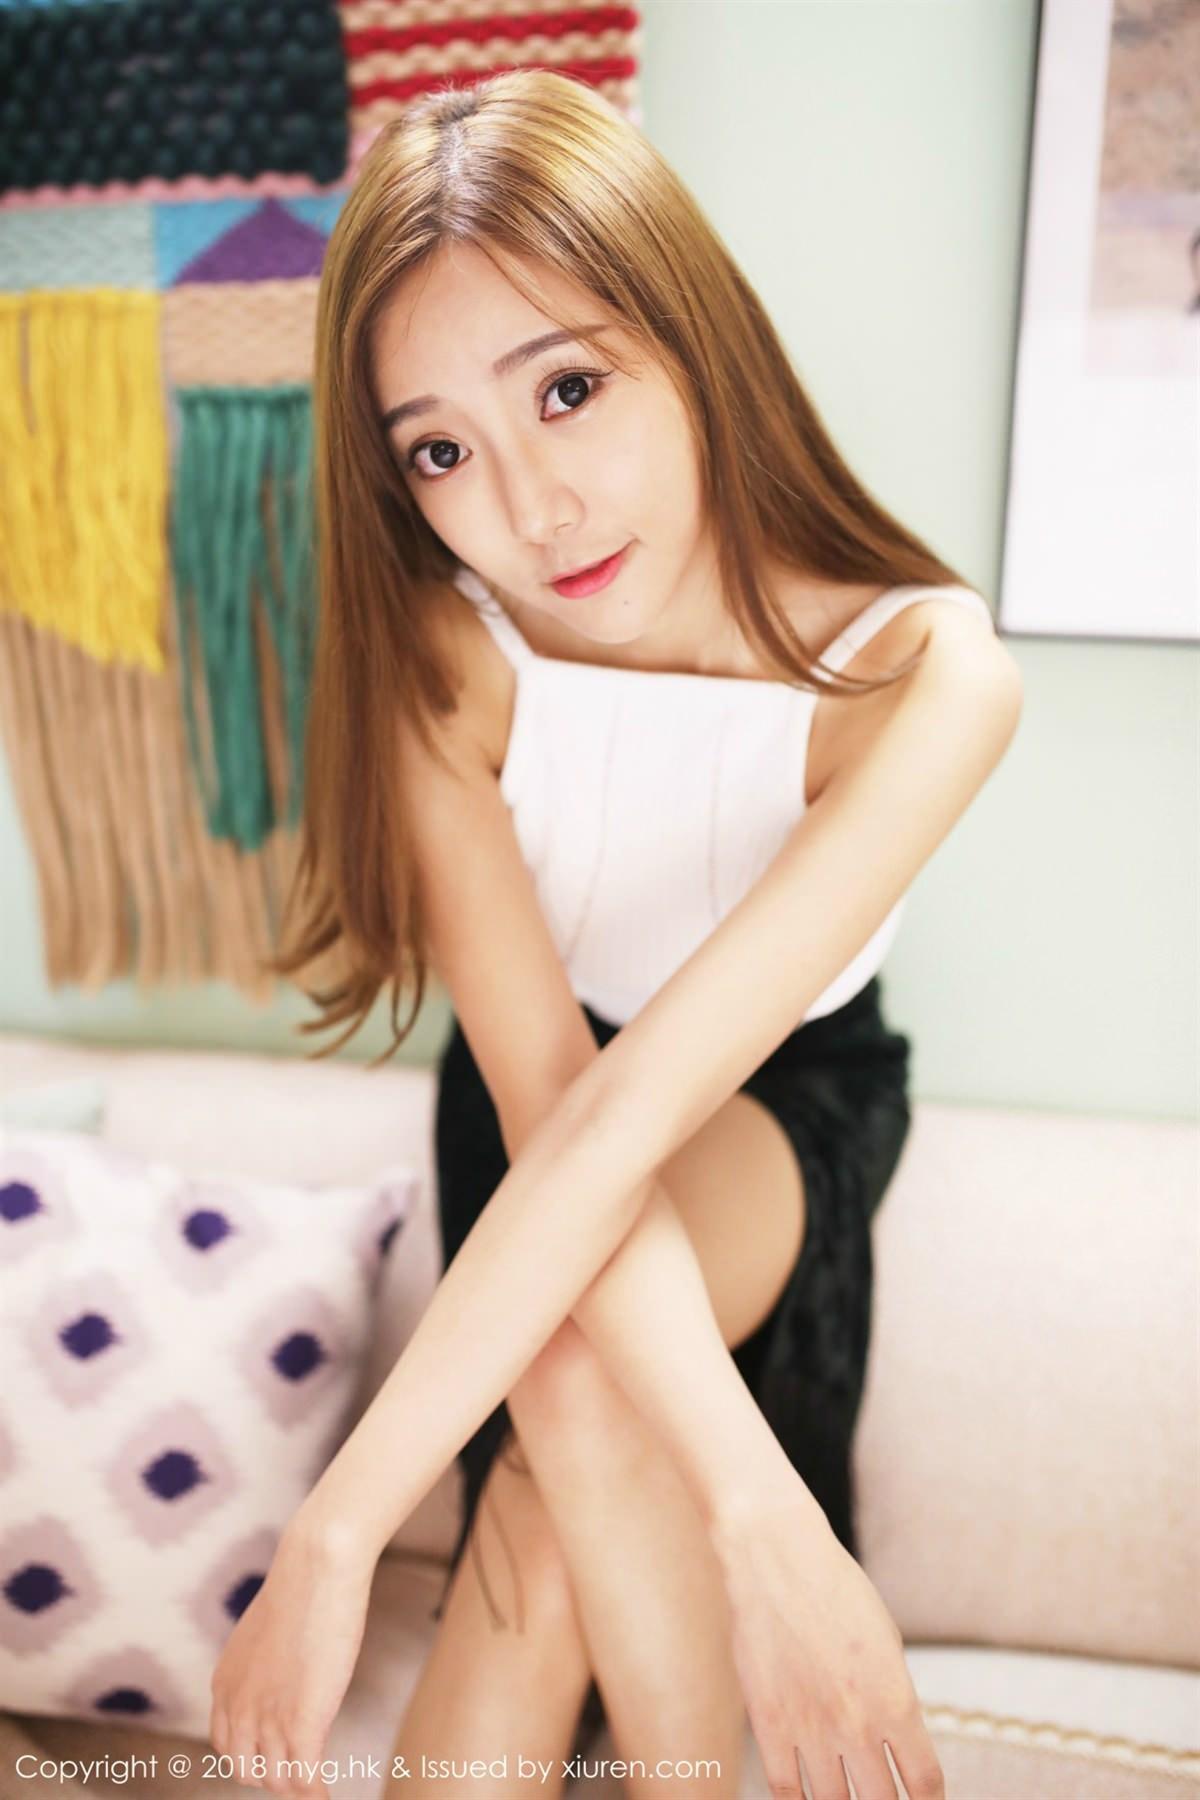 MyGirl Vol.293 31P, mygirl, Wang Xin Yao